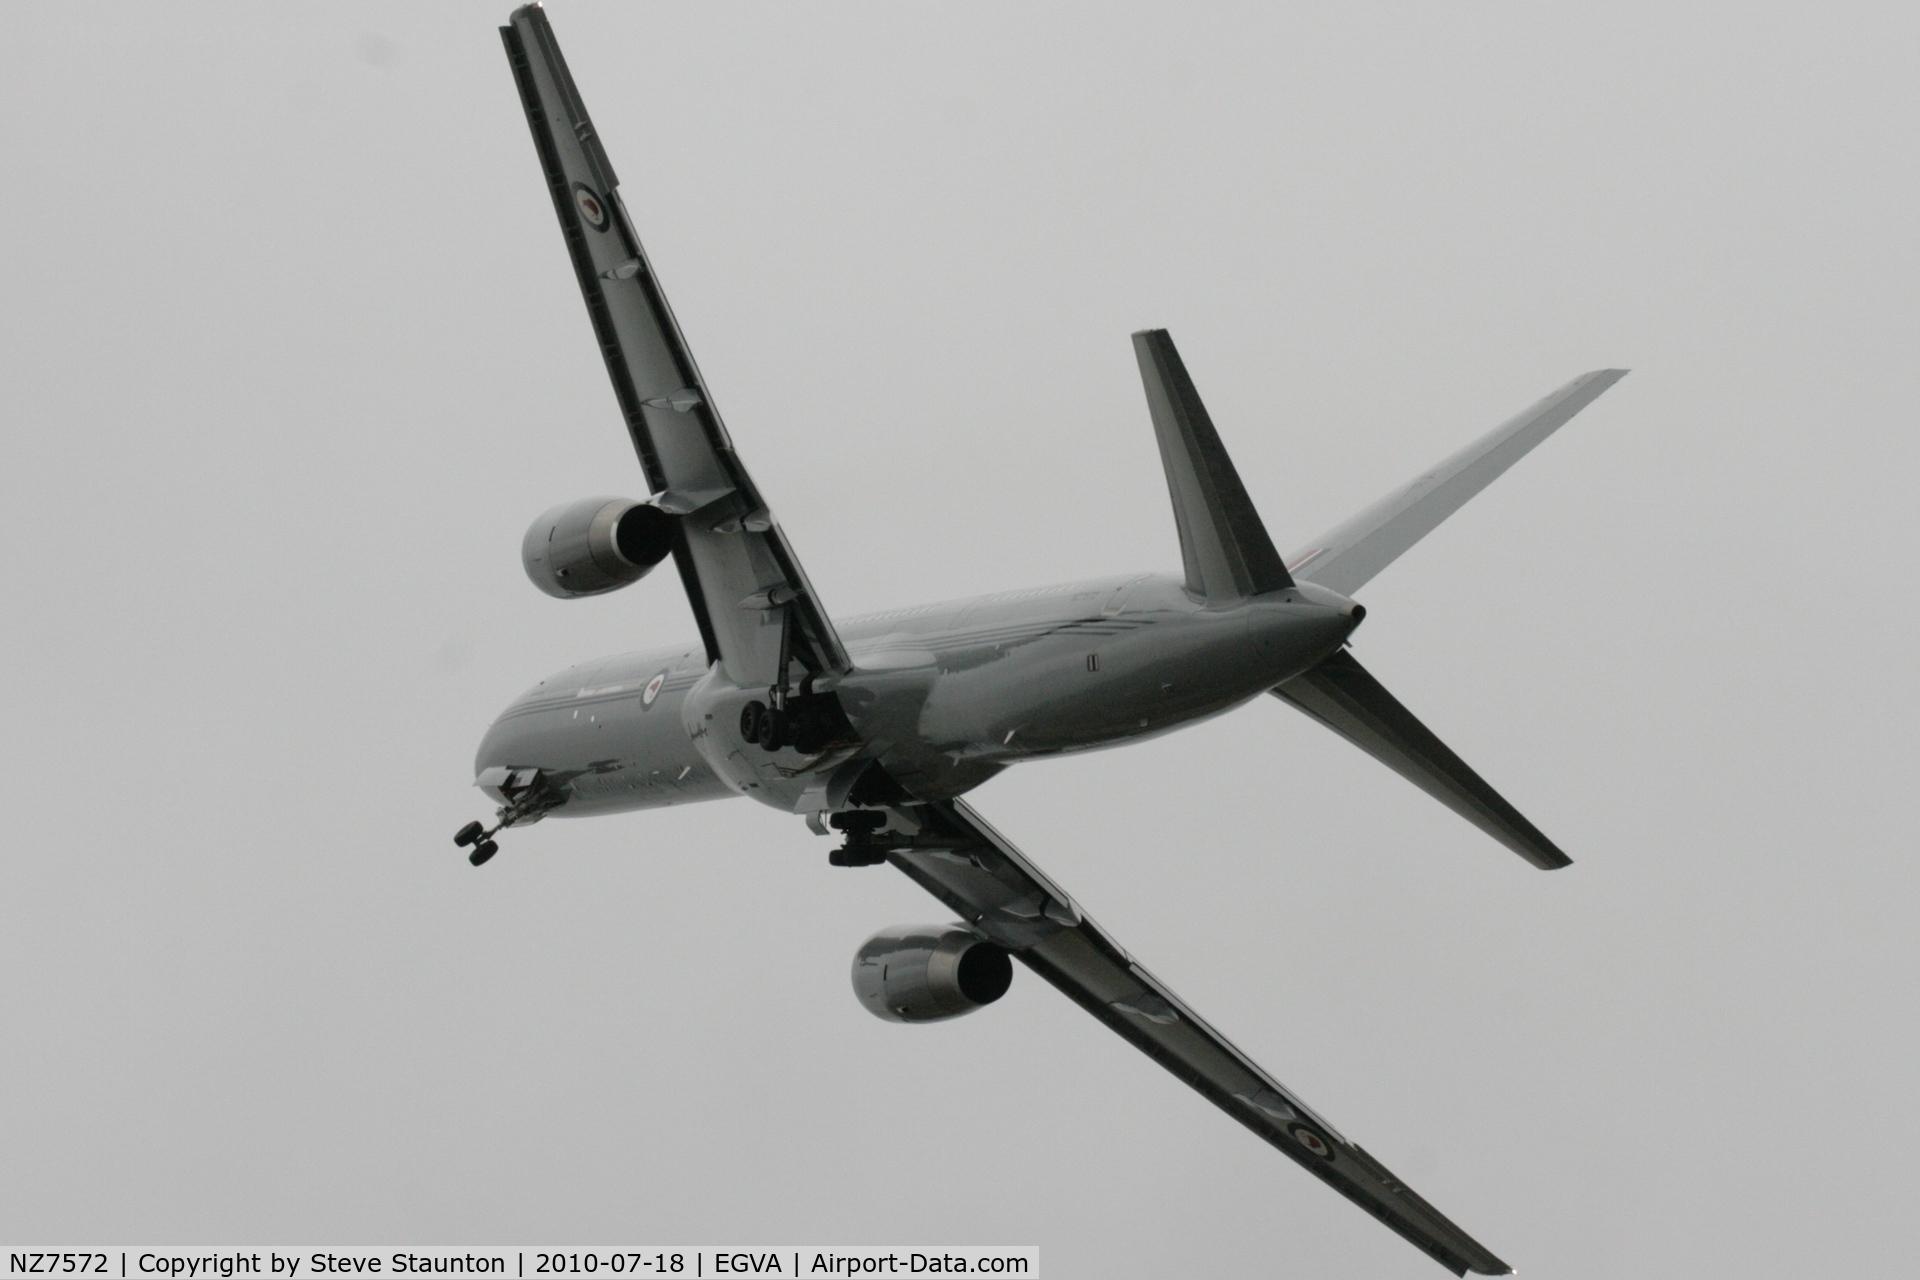 NZ7572, 1993 Boeing 757-2K2 C/N 26634, Taken at the Royal International Air Tattoo 2010